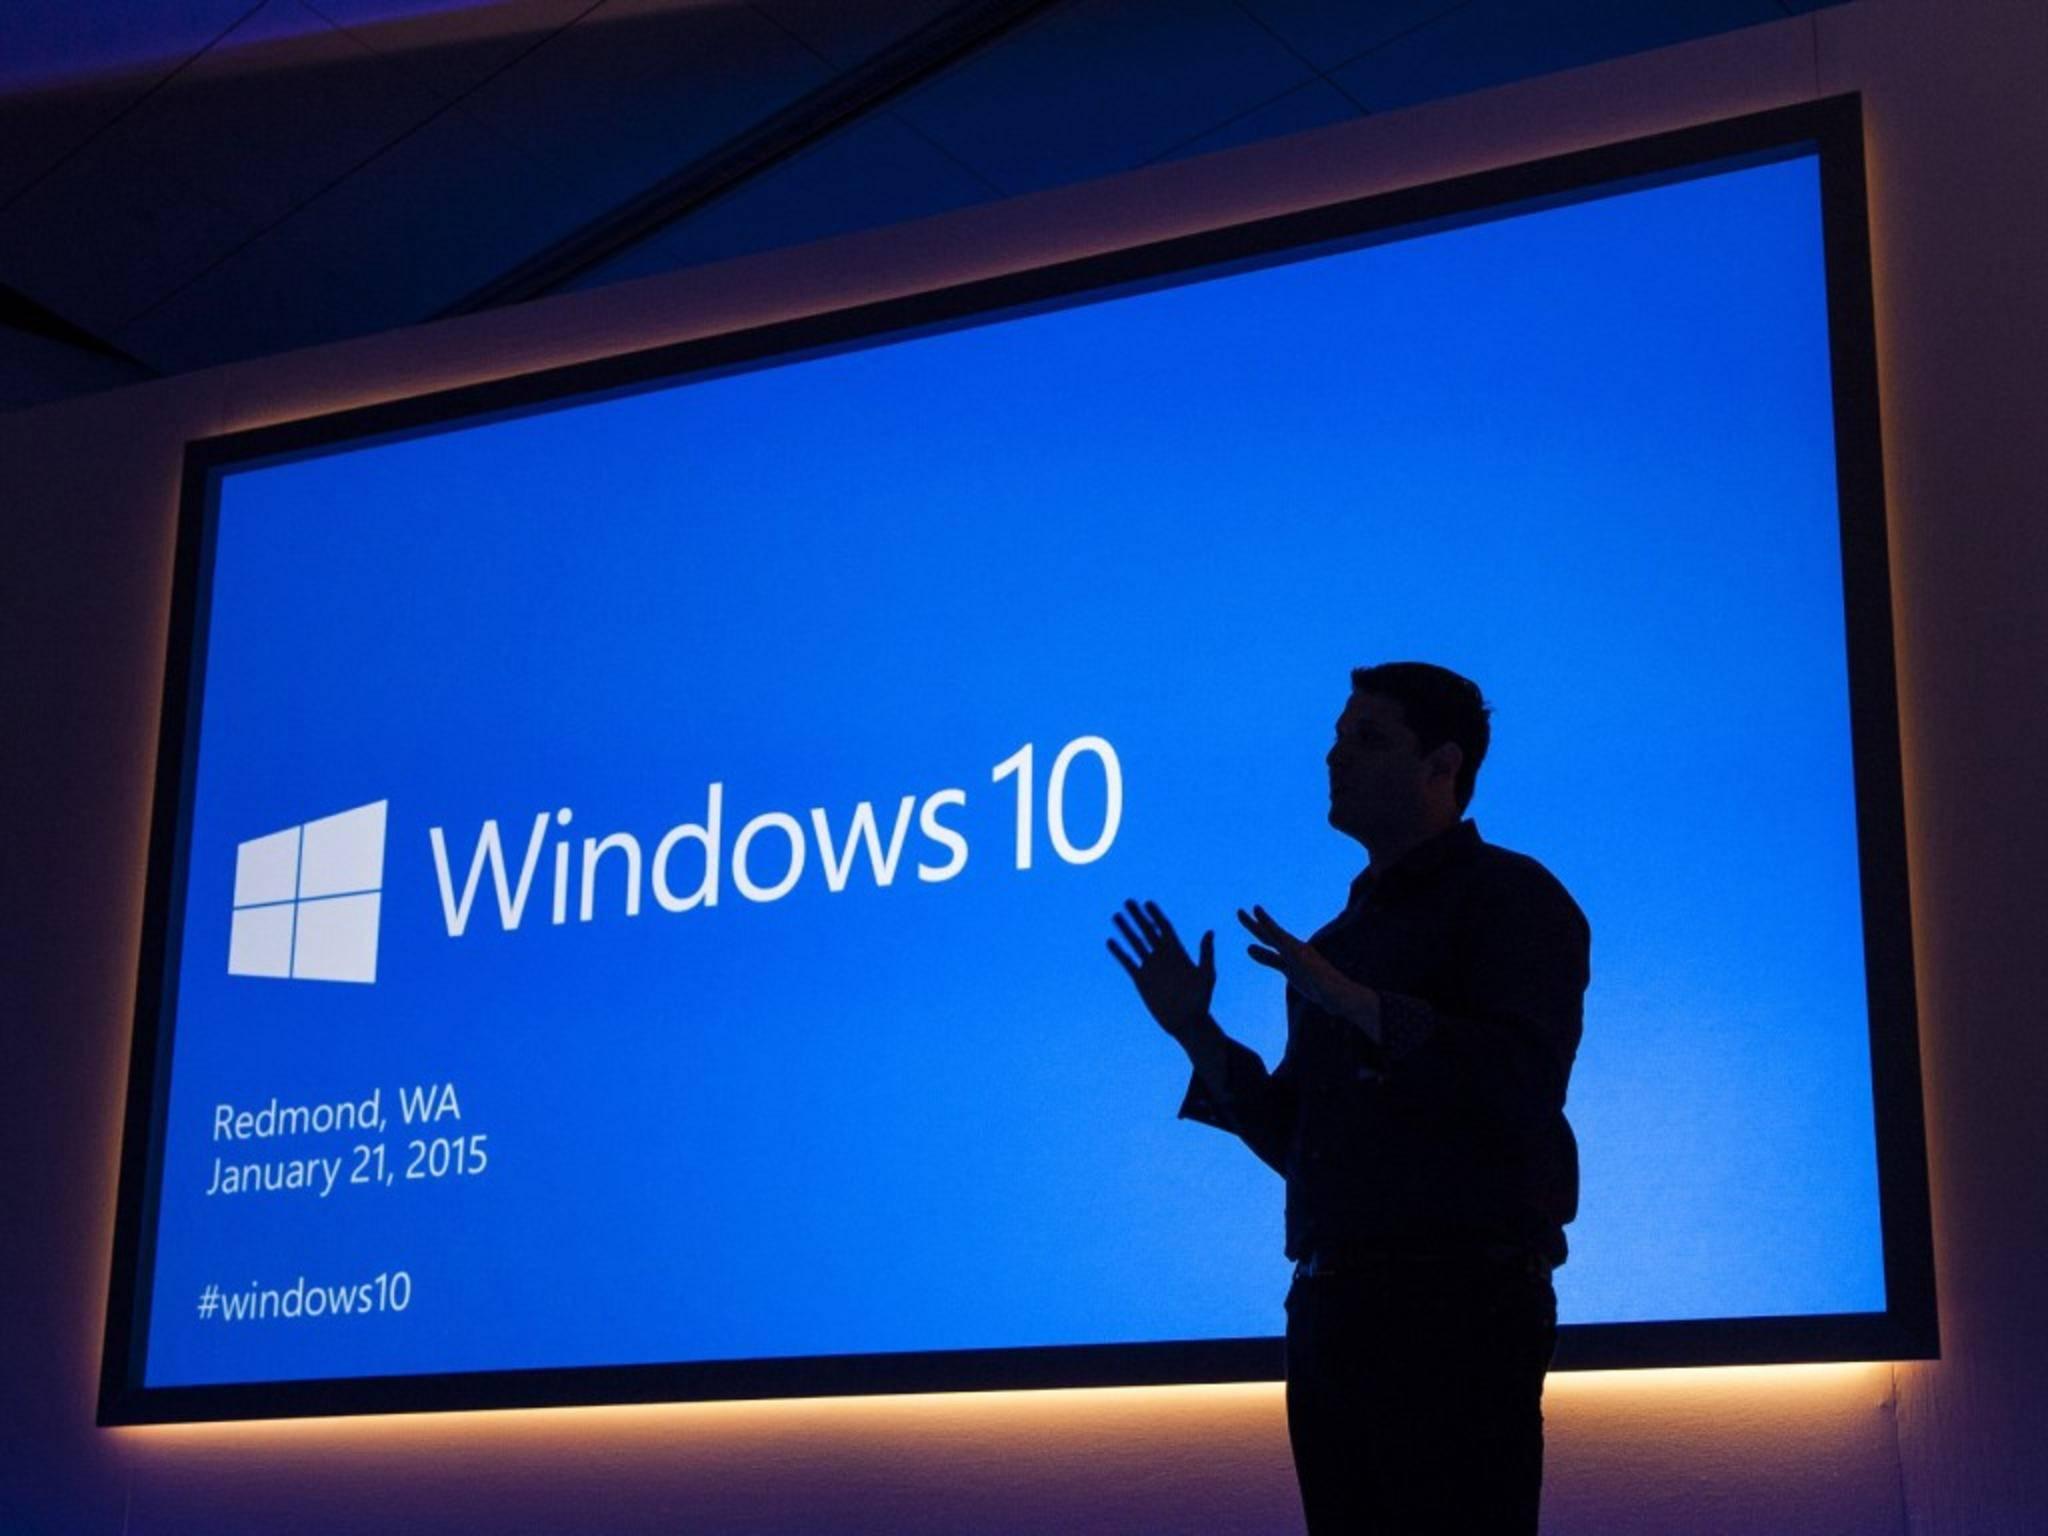 Das kostenlose Update auf Windows 10 wird am 29. Juli 2015 verfügbar.